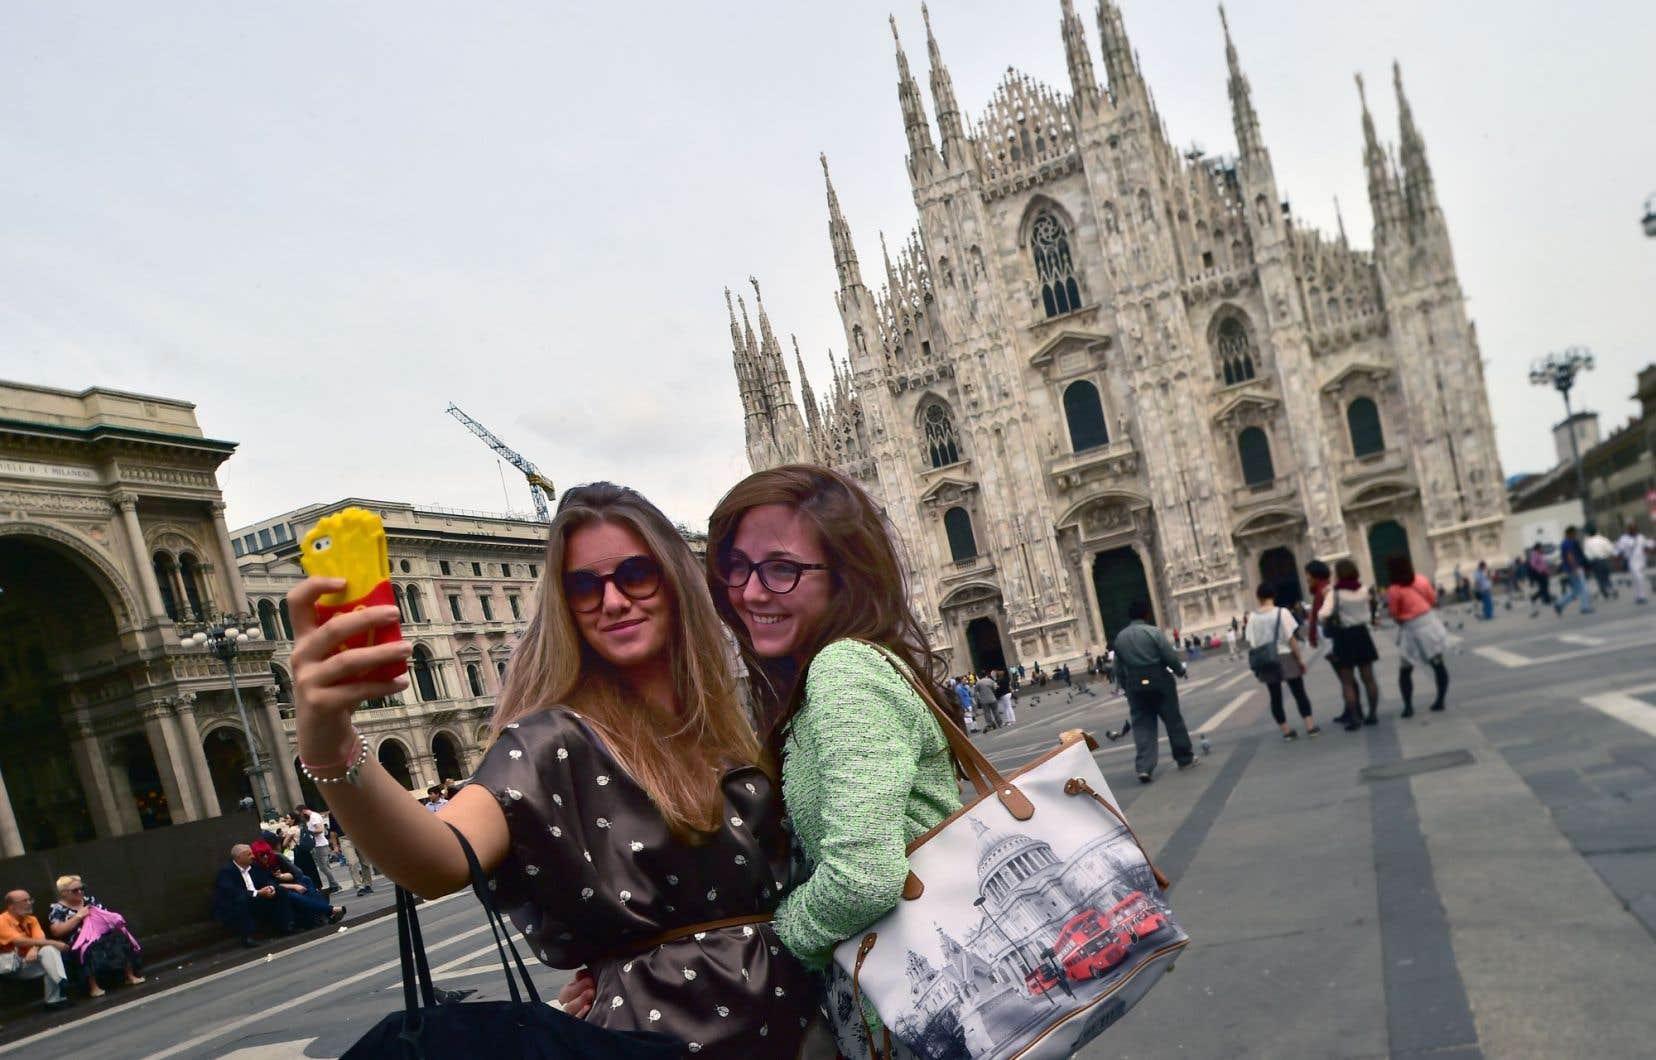 À Milan, deux touristes posent devant la cathédrale. Pour plusieurs, être photographié devant ou dans un lieu est plus important que de le visiter.